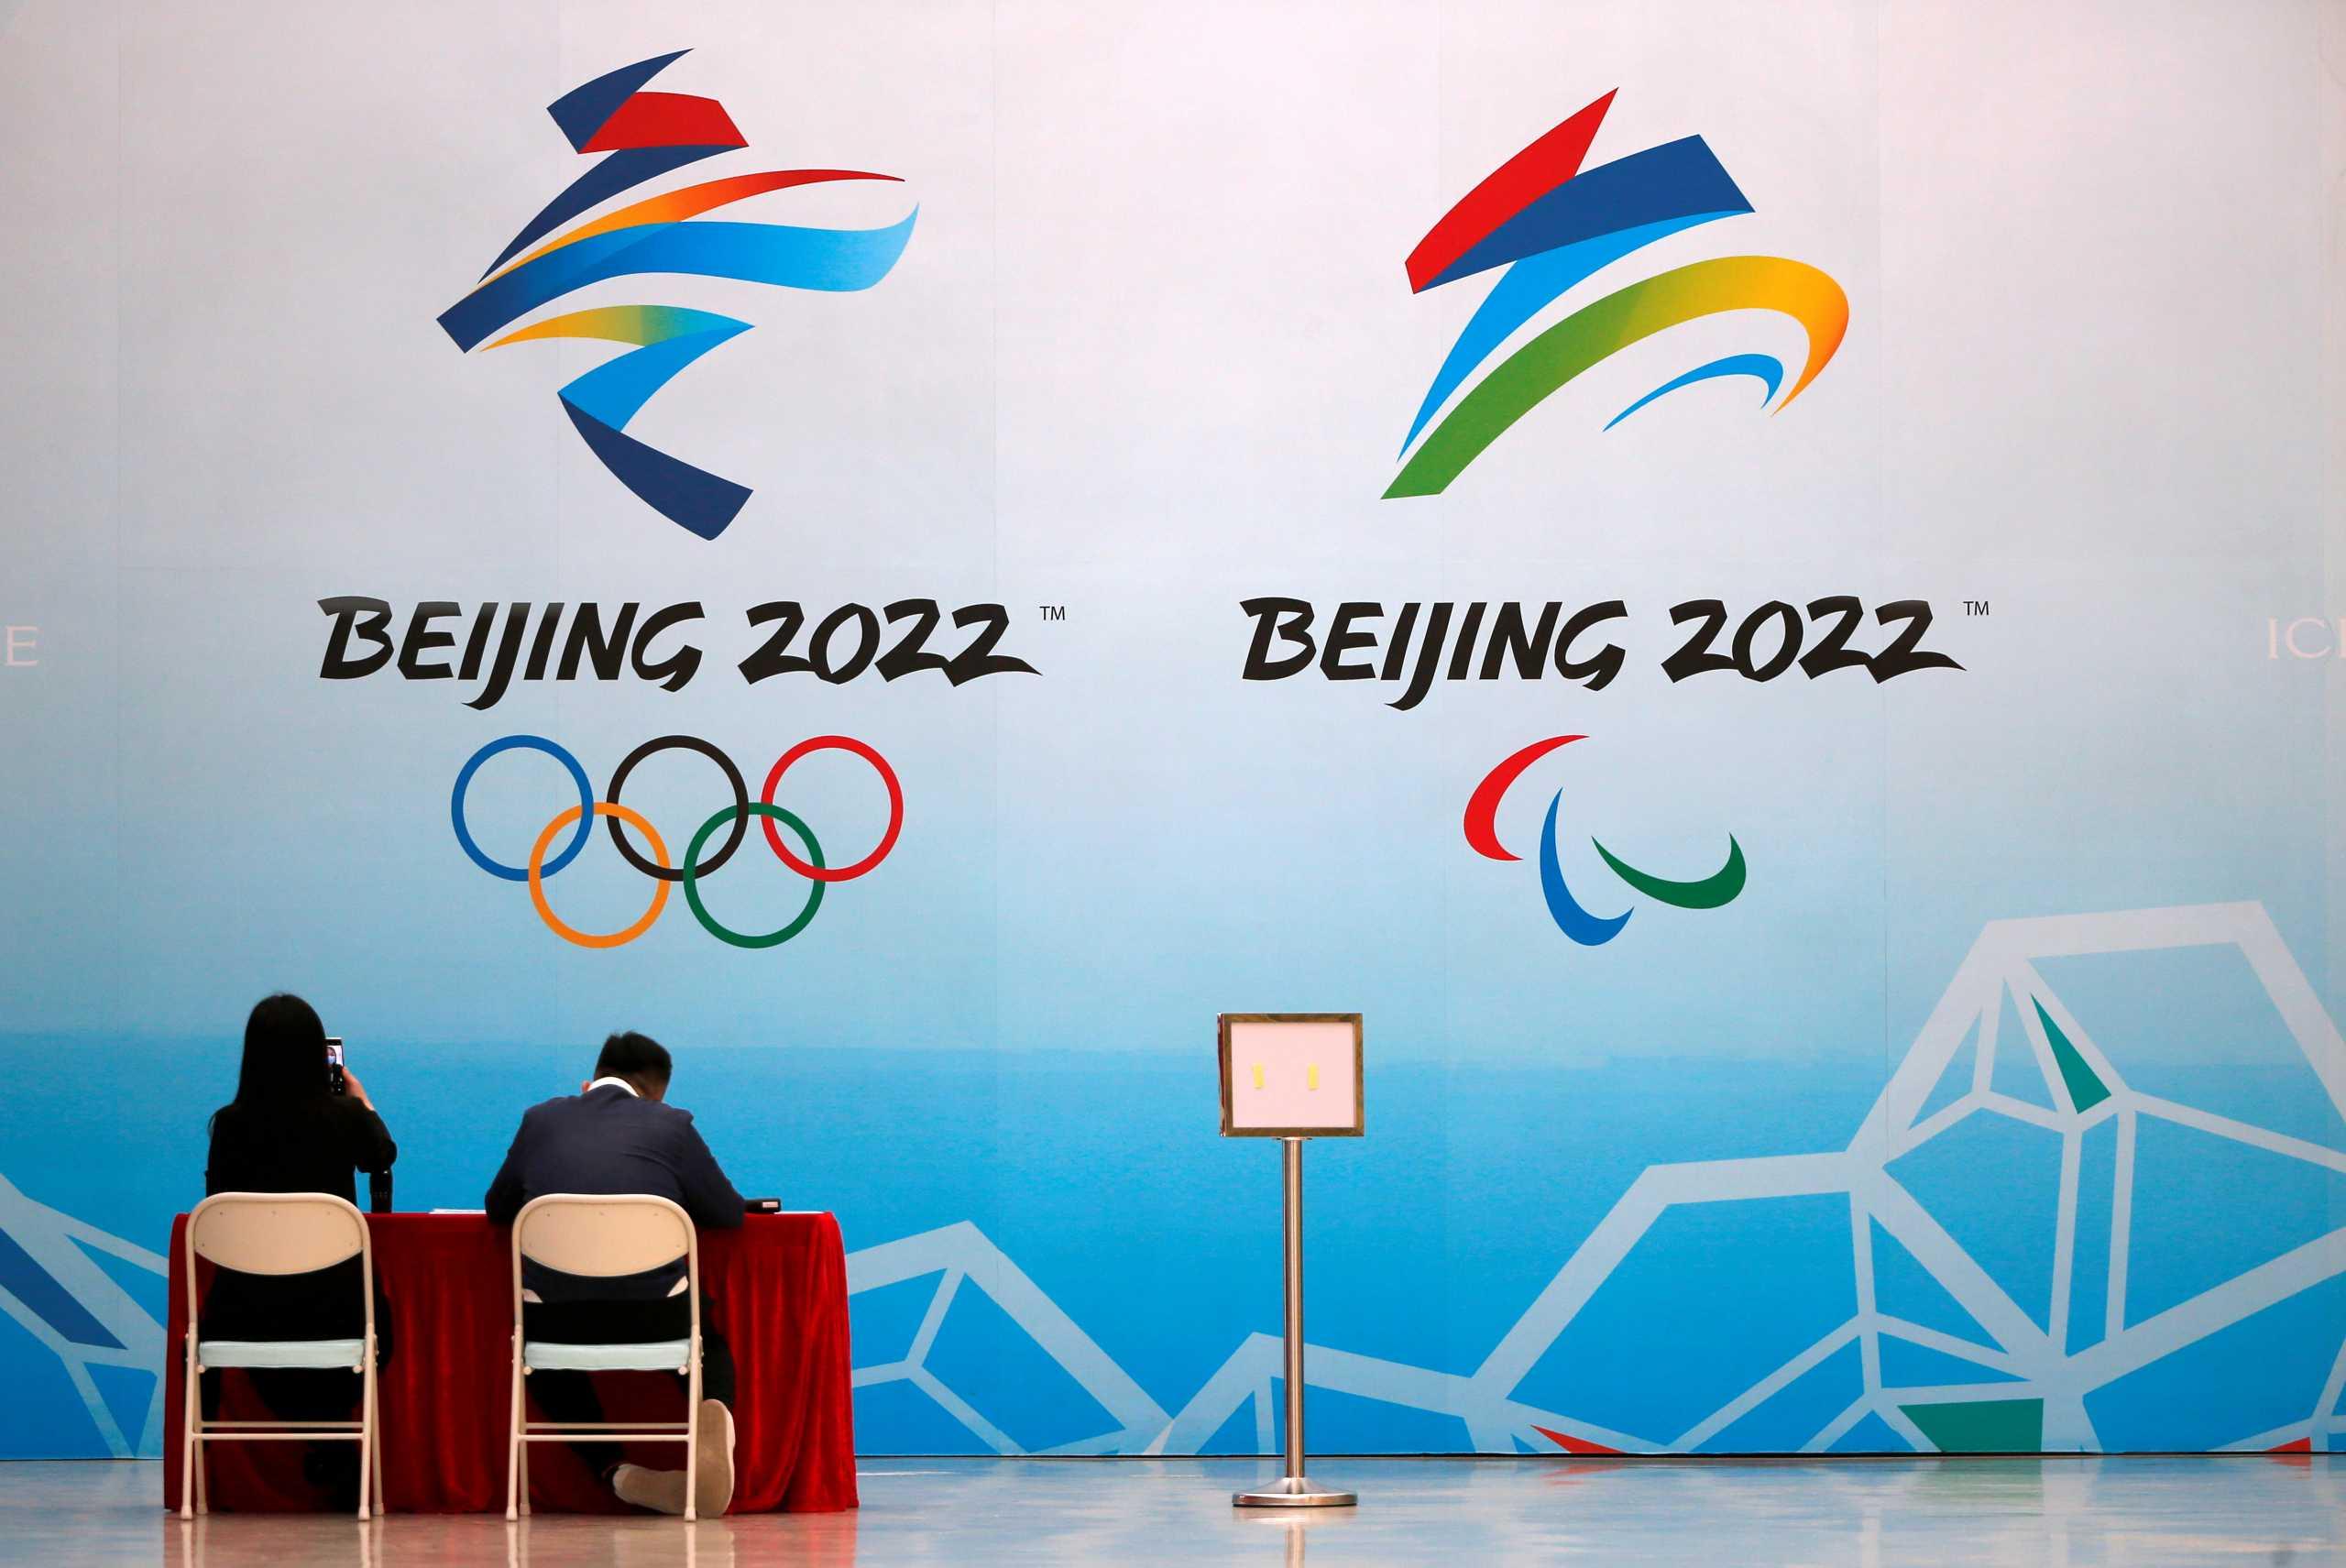 Ολυμπιακοί Αγώνες: Θα εμβολιαστούν οι αθλητές της Μεγάλης Βρετανίας πριν αναχωρήσουν για το Τόκιο